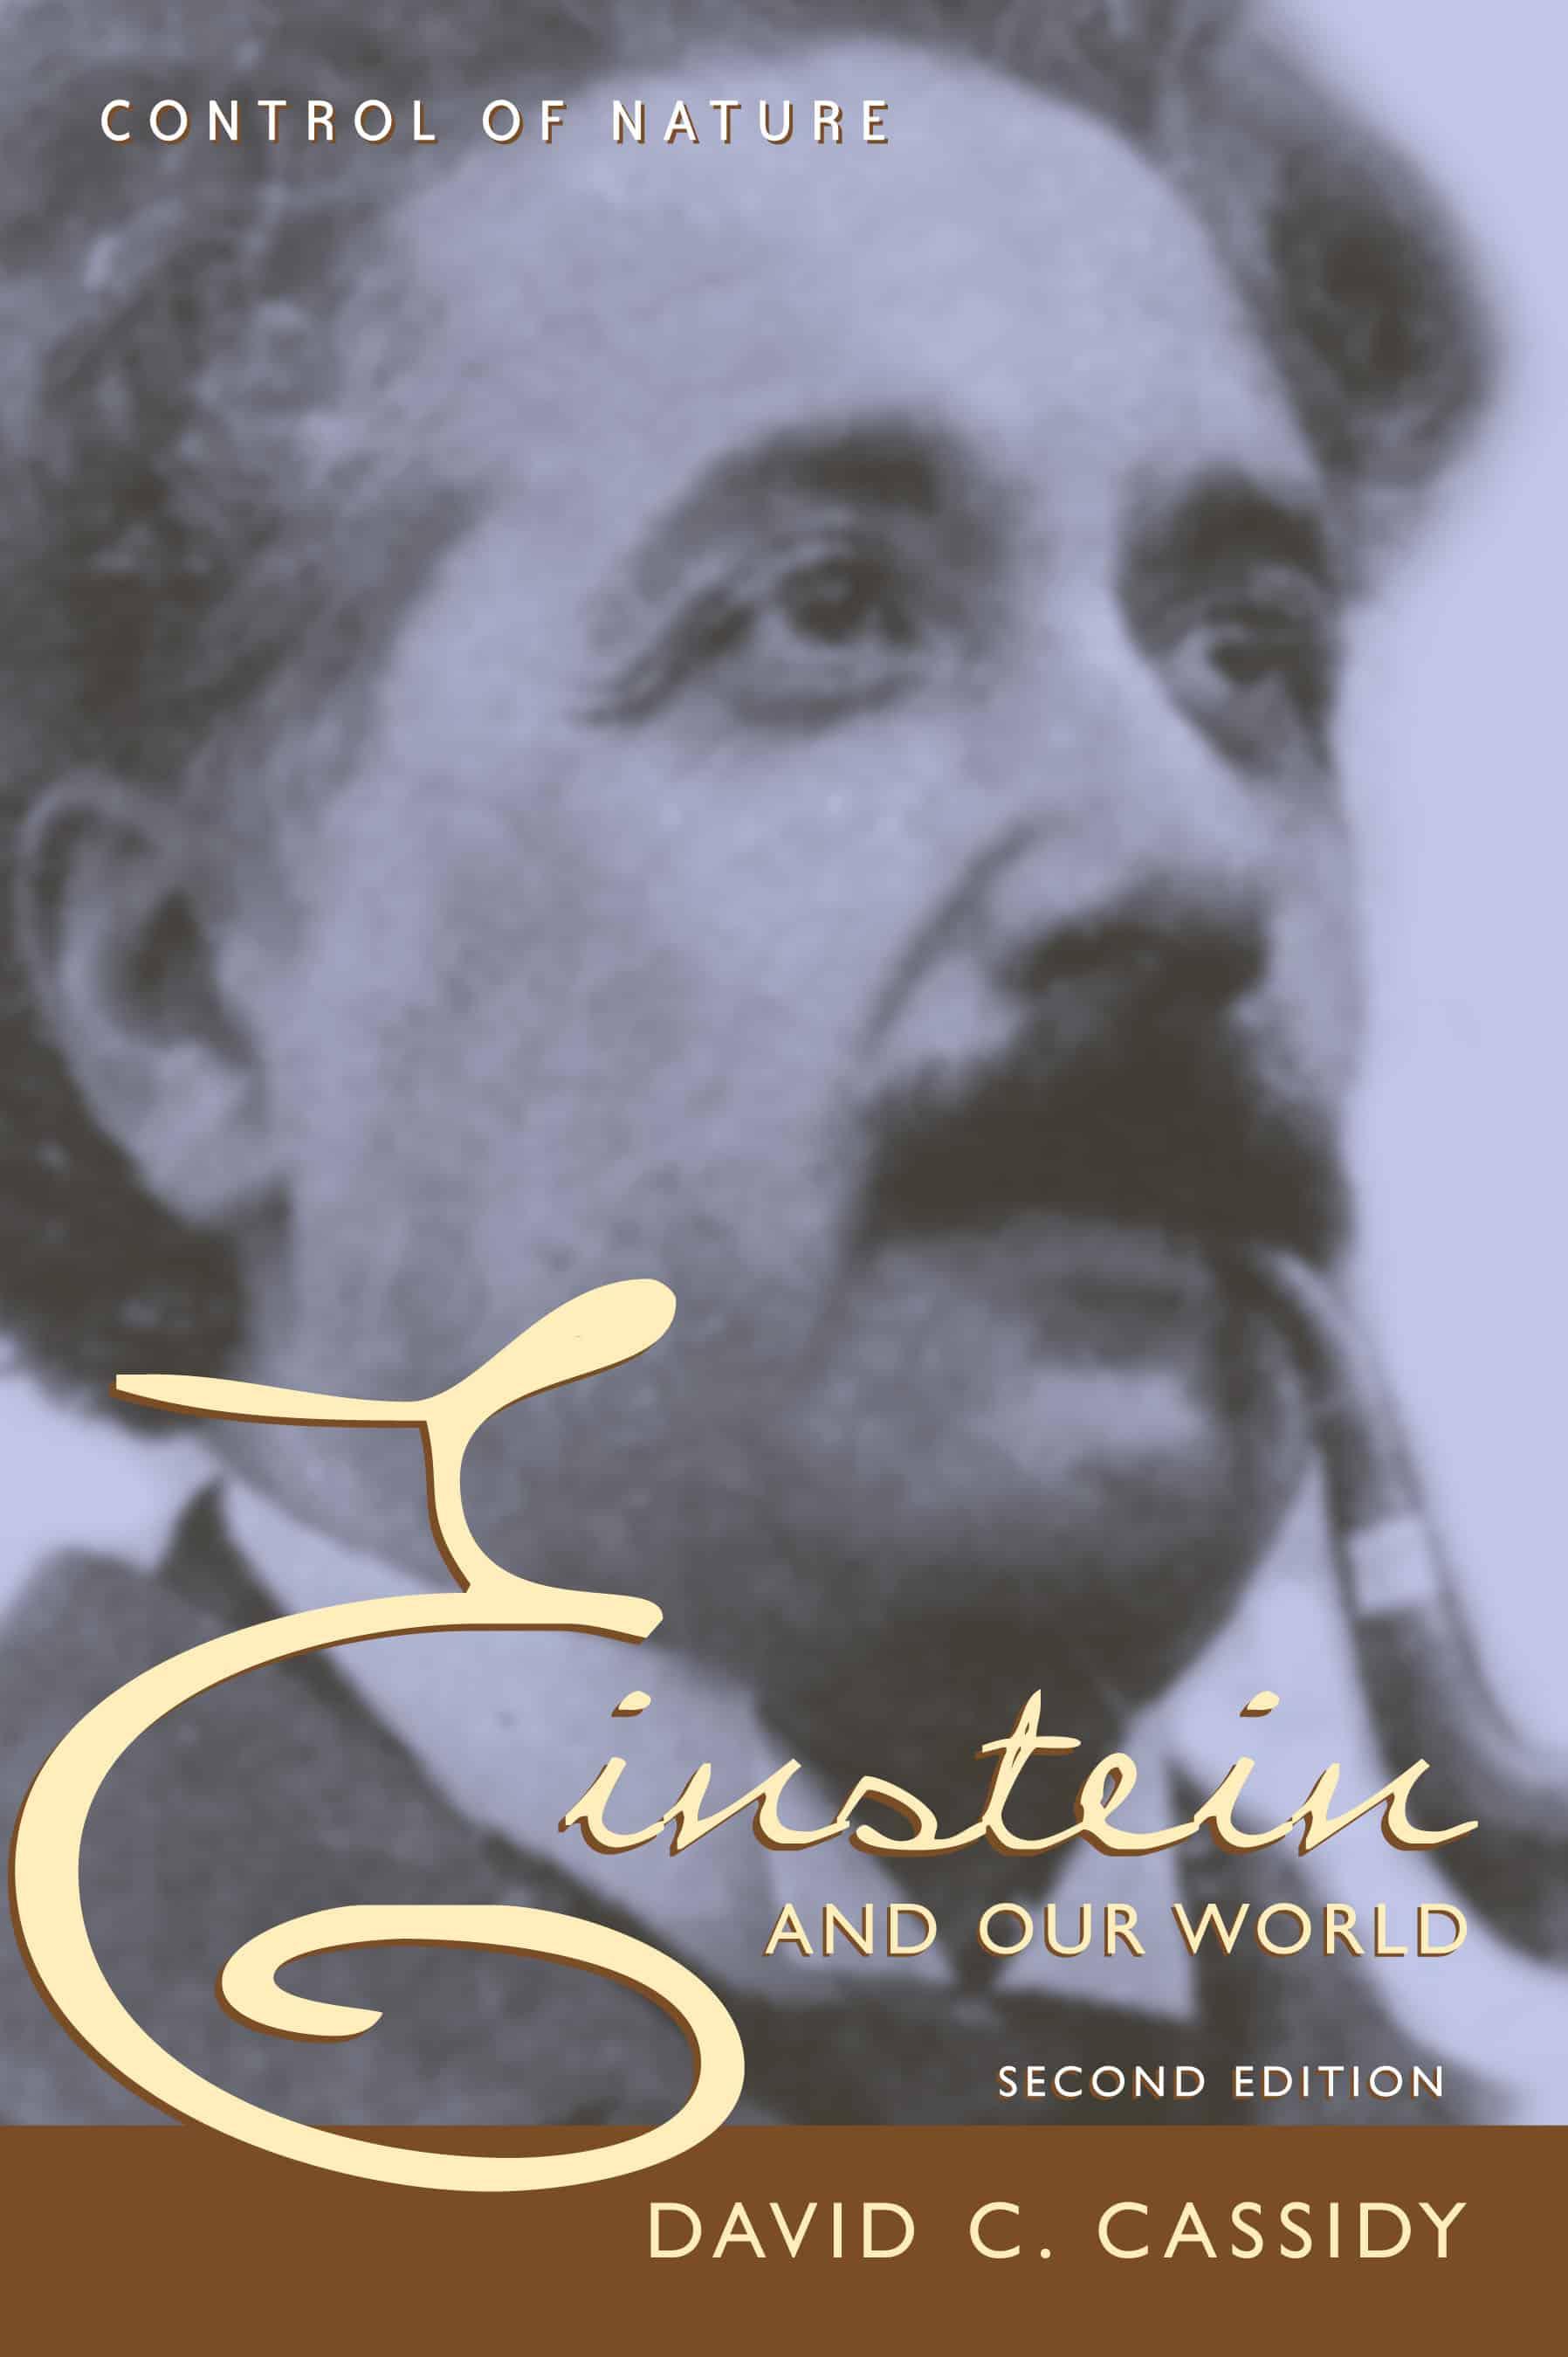 einsteinourworld - Einstein and Our World